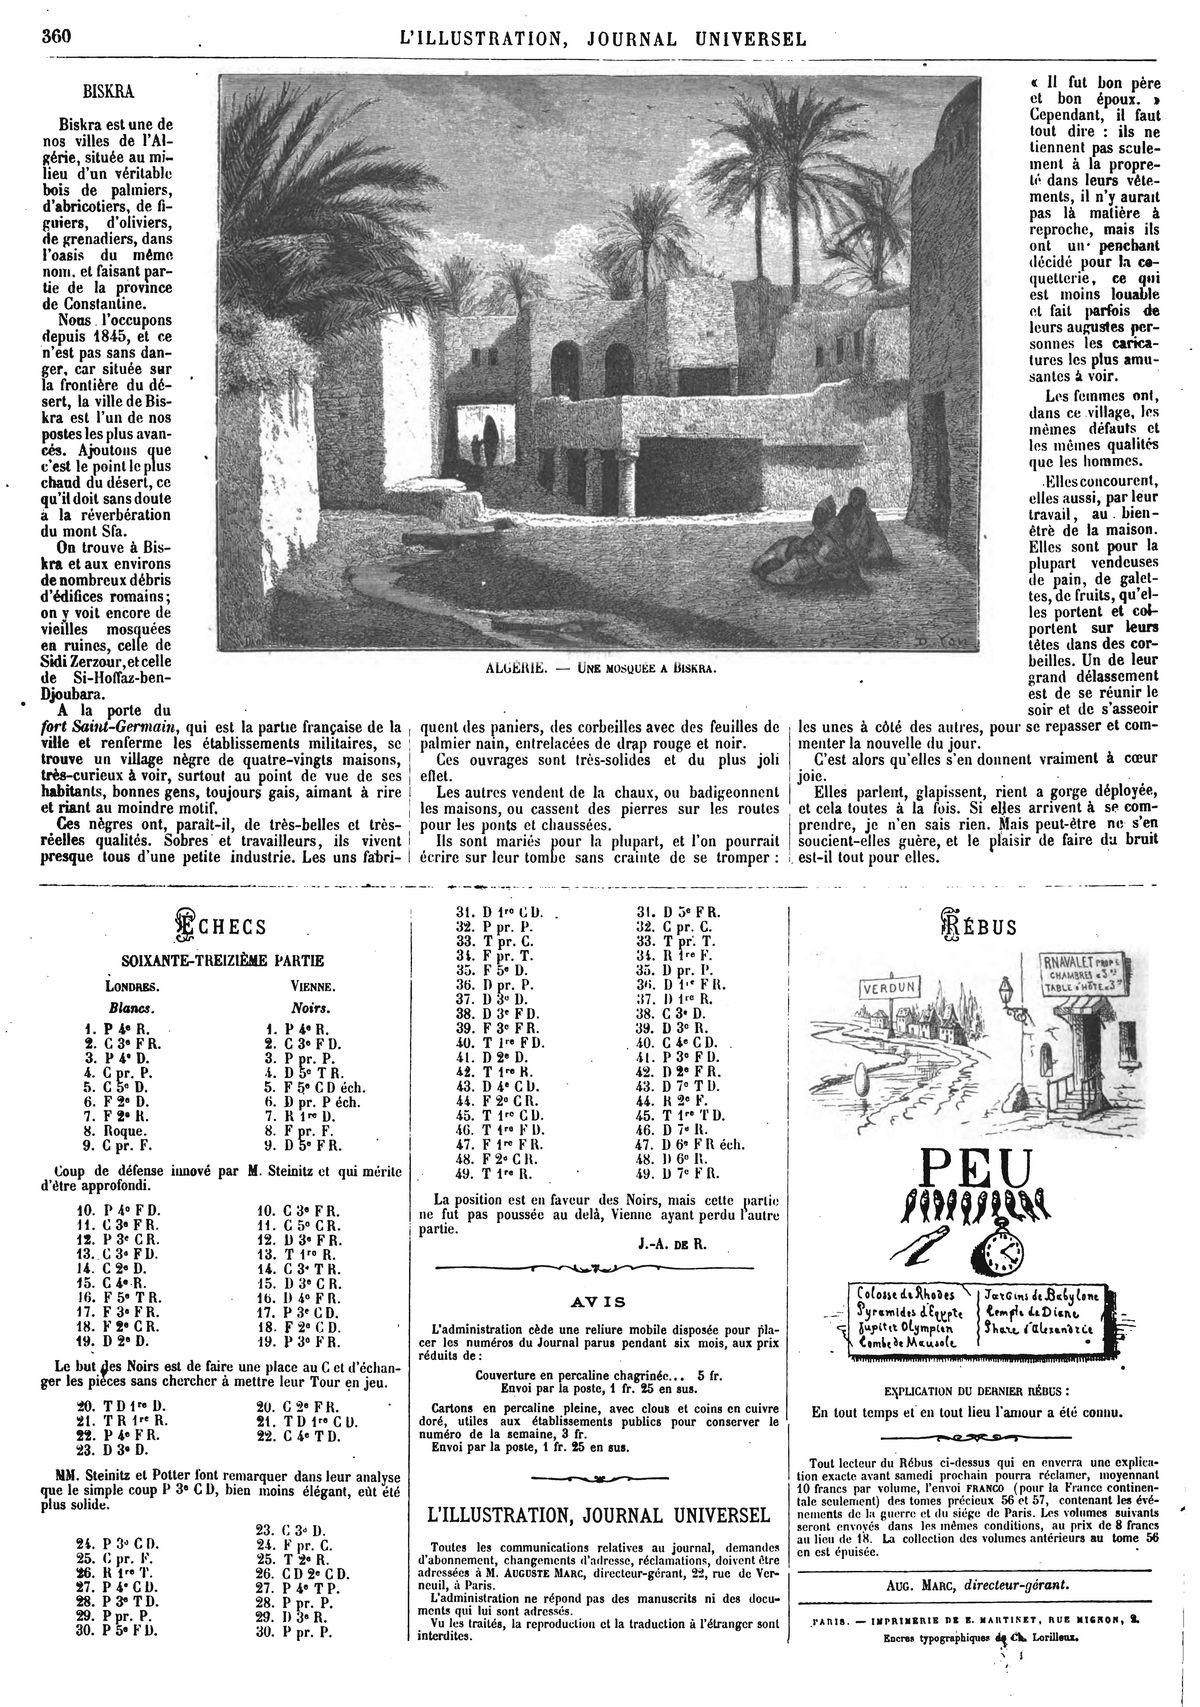 Algérie : une mosquée à Biskra. (gravure 1874)